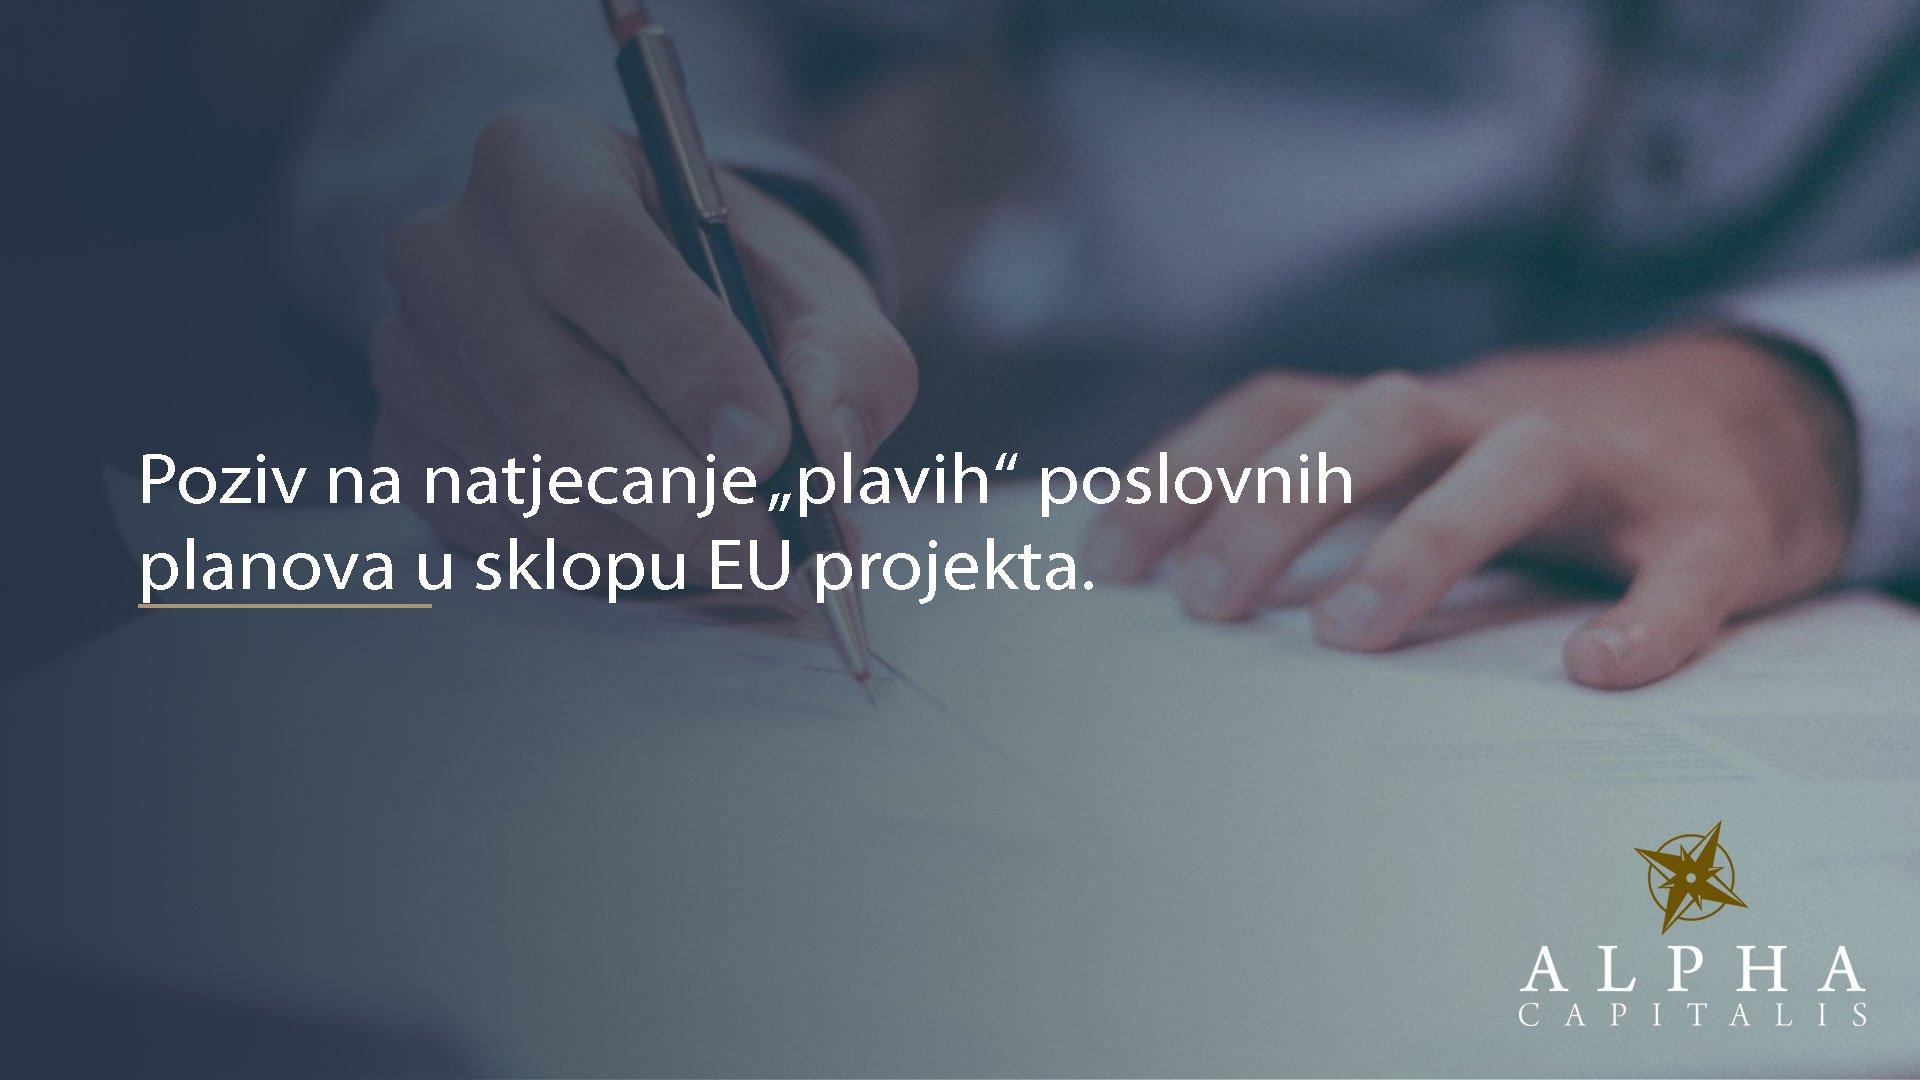 """Poziv na natjecanje """"plavih"""" poslovnih planova u sklopu EU projekta"""